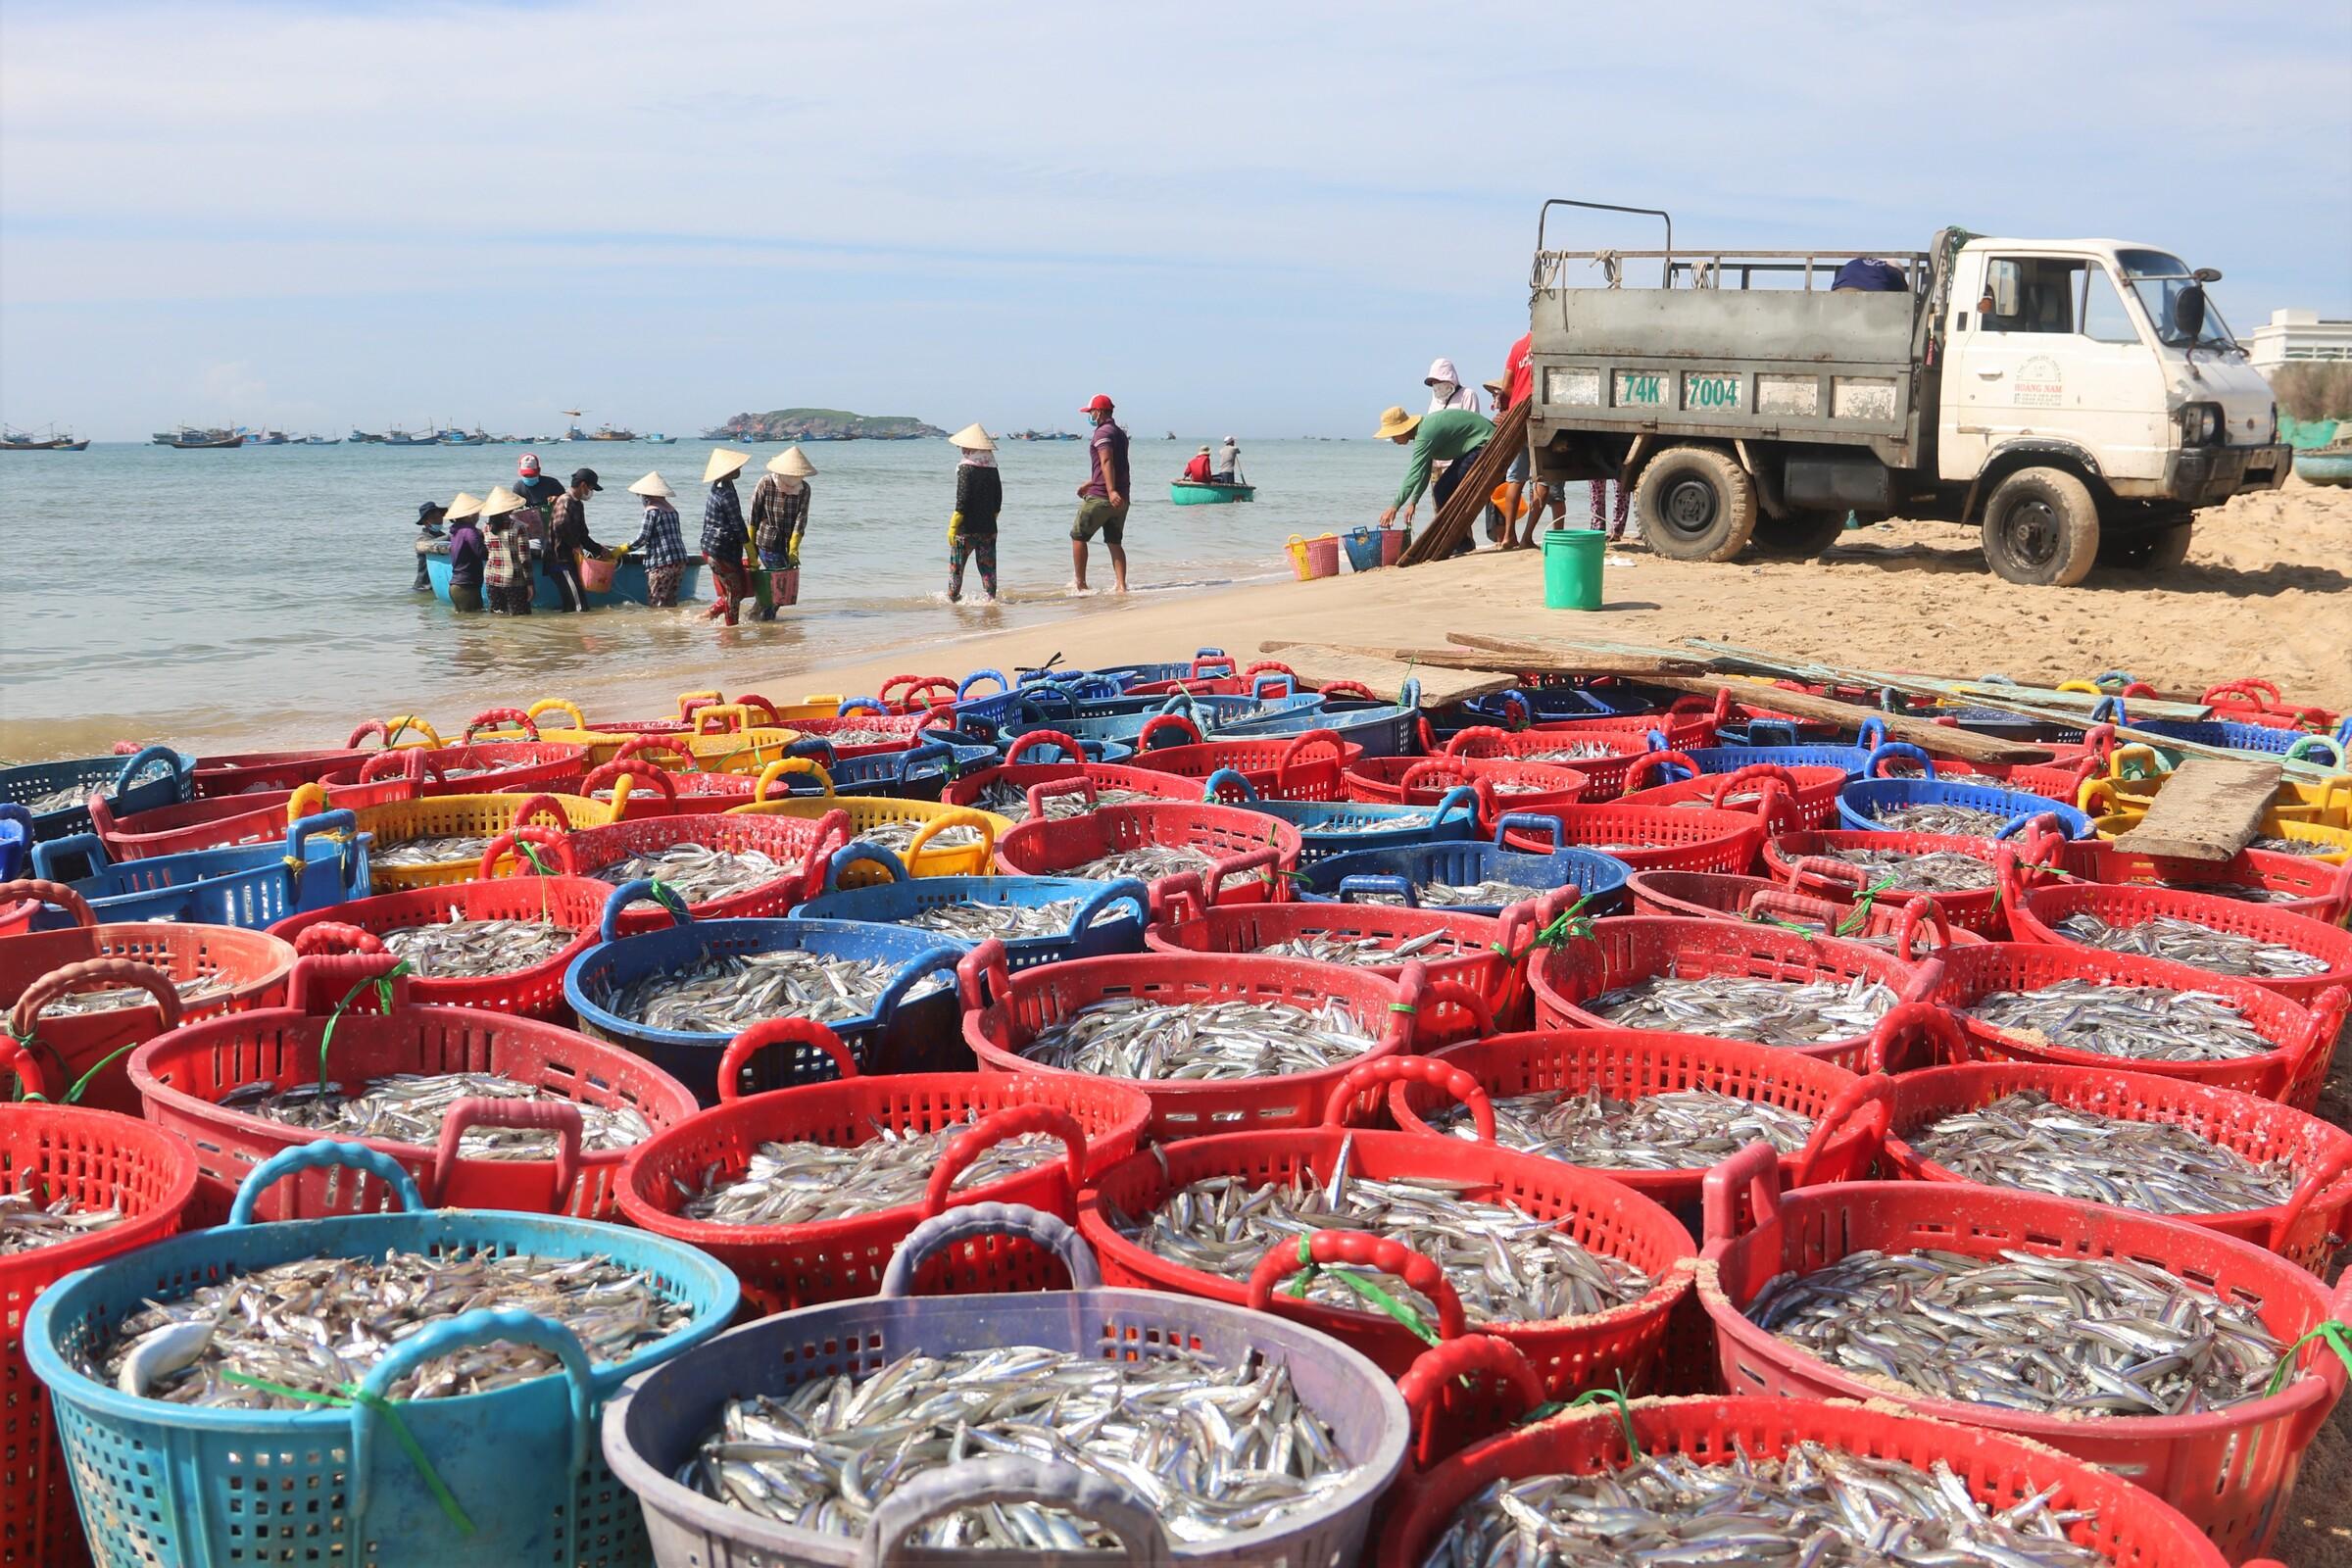 Cá cơm được ngư dân Mũi Né đưa vào bờ chuẩn bị bán, sáng 14/6. Ảnh: Việt Quốc.